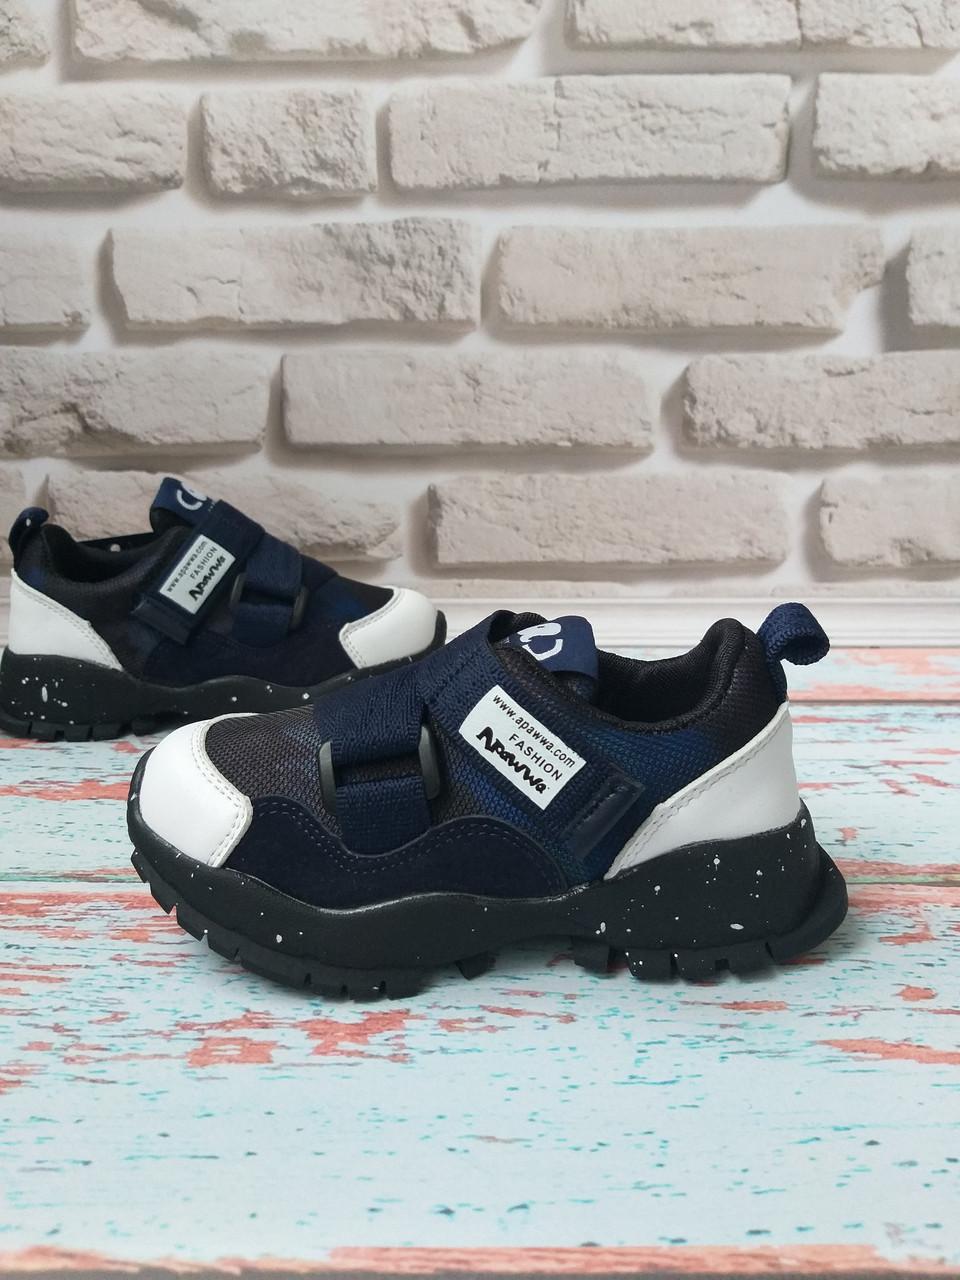 Детские кроссовки Apawwa унисекс натуральная кожа и текстиль белые с синим